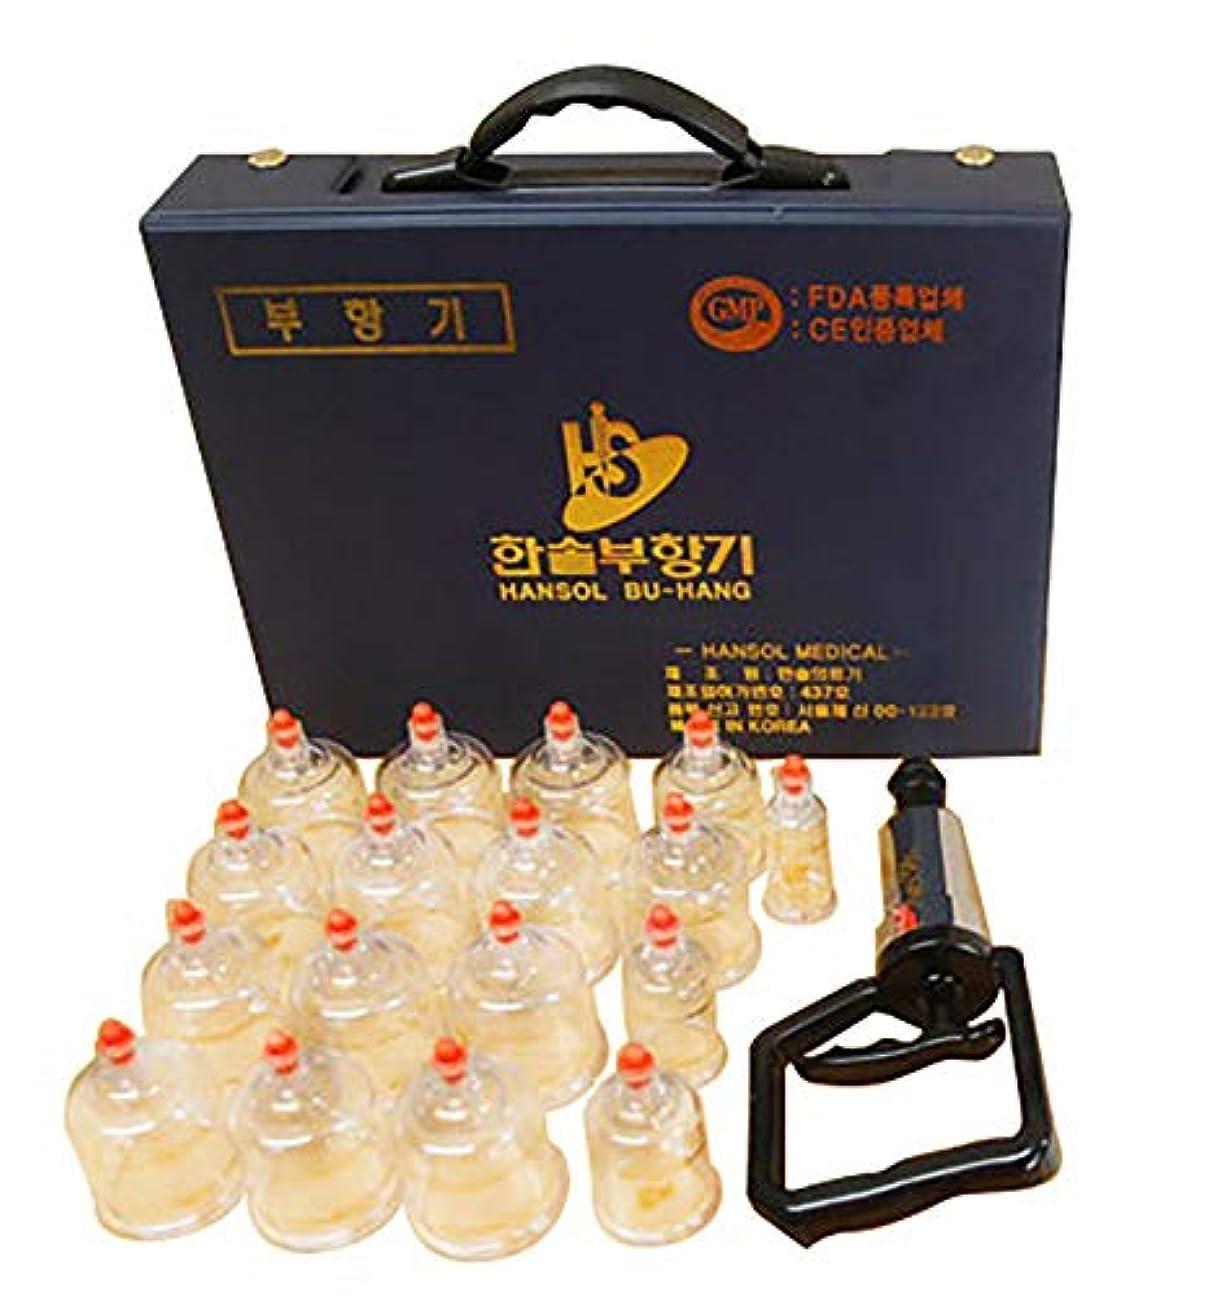 強調する気づかない忠実中国四千年の健康法「吸玉」がご家庭で手軽にできる!ハンソルメディカル ブハン カッピングカップ17個セット